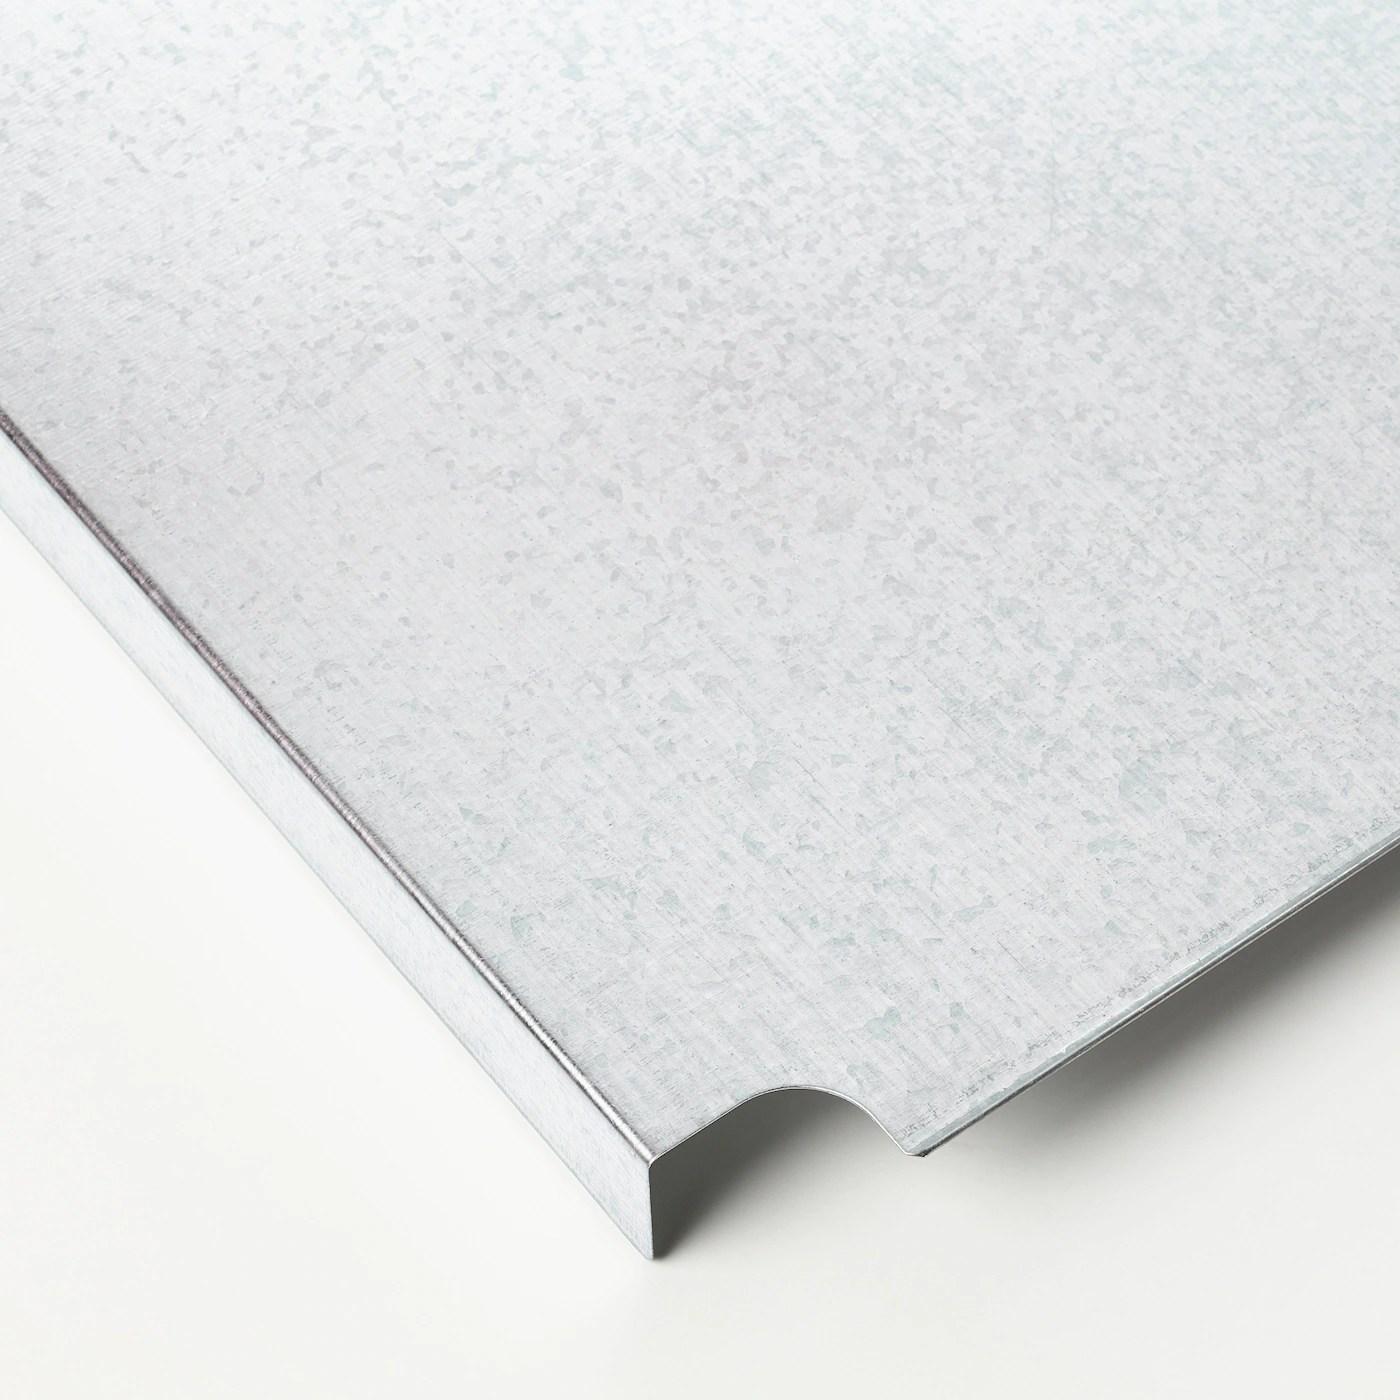 omar shelf liner 36 1 4